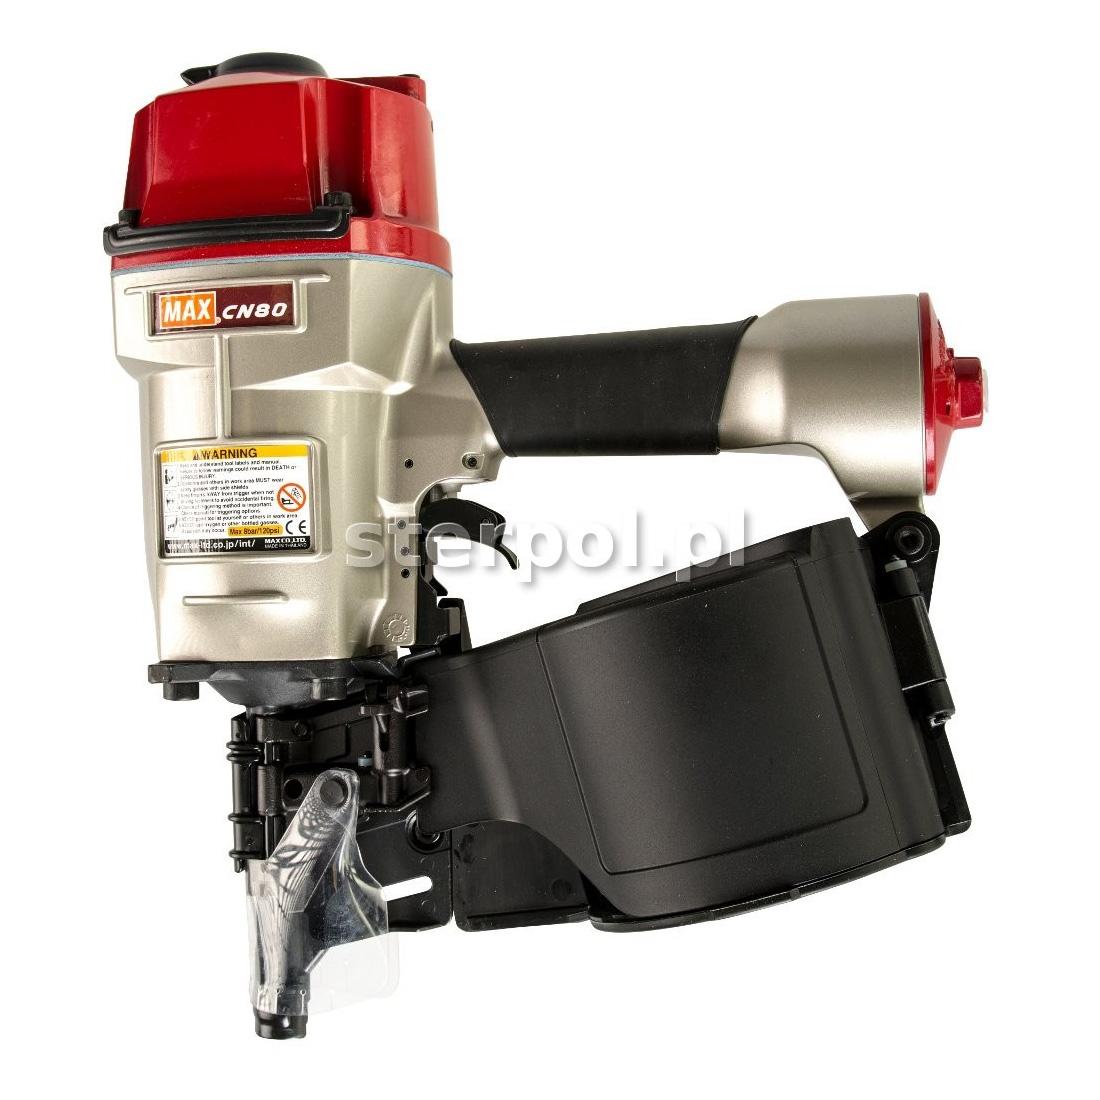 MAX CN80 – Gwoździarka pneumatyczna